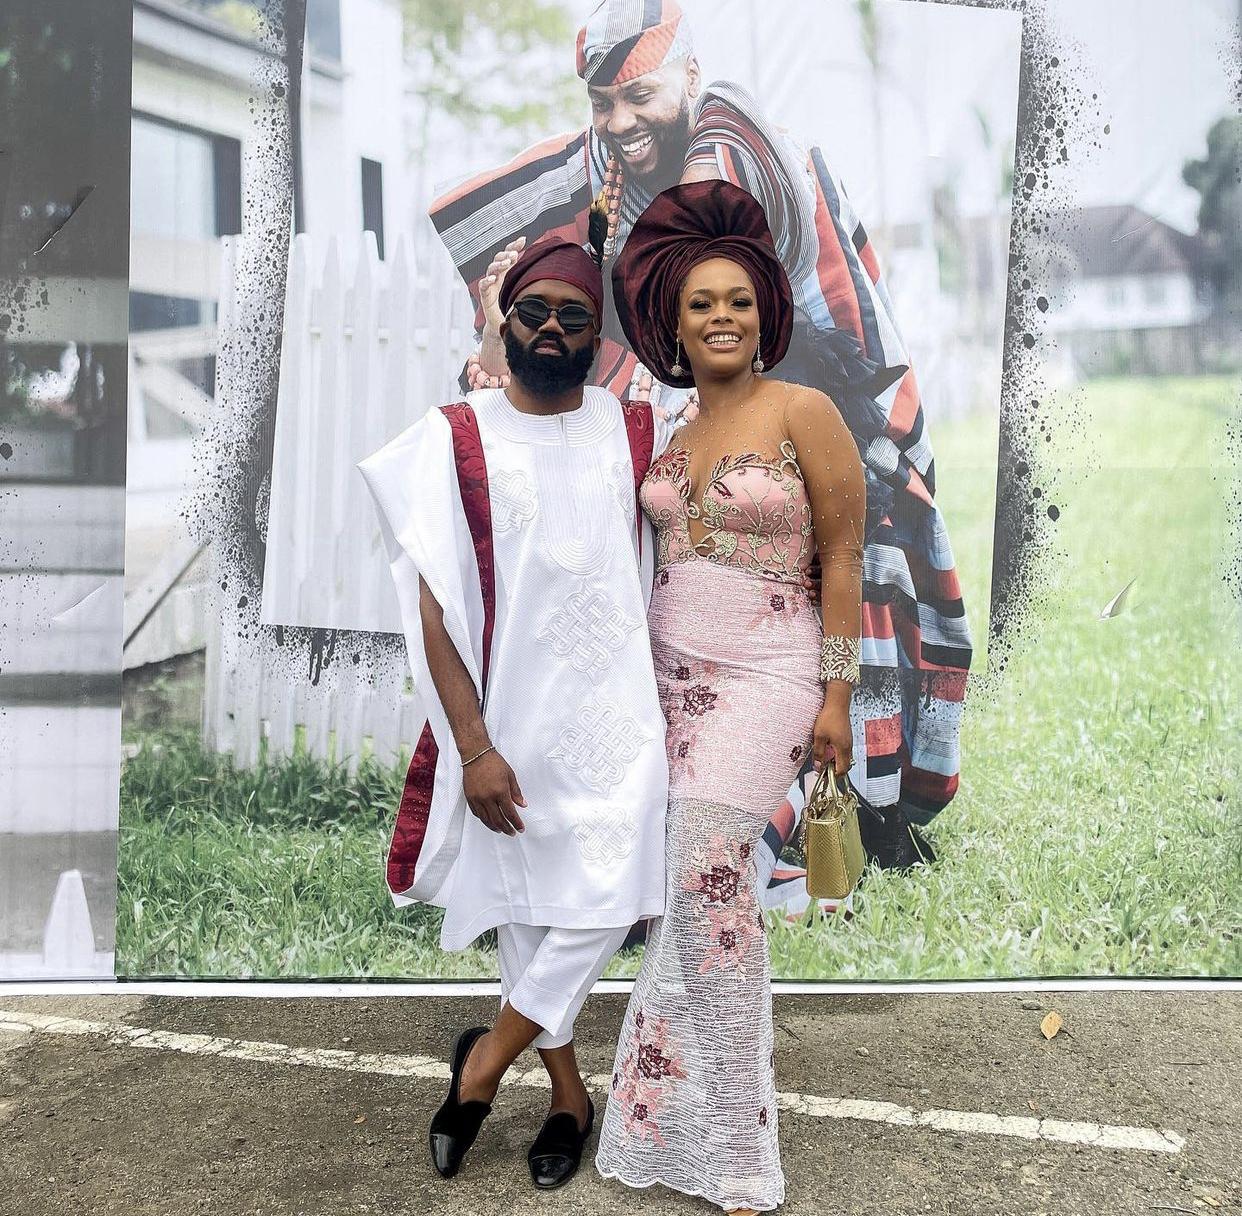 Noble Igwe and wife #KDLagos2021